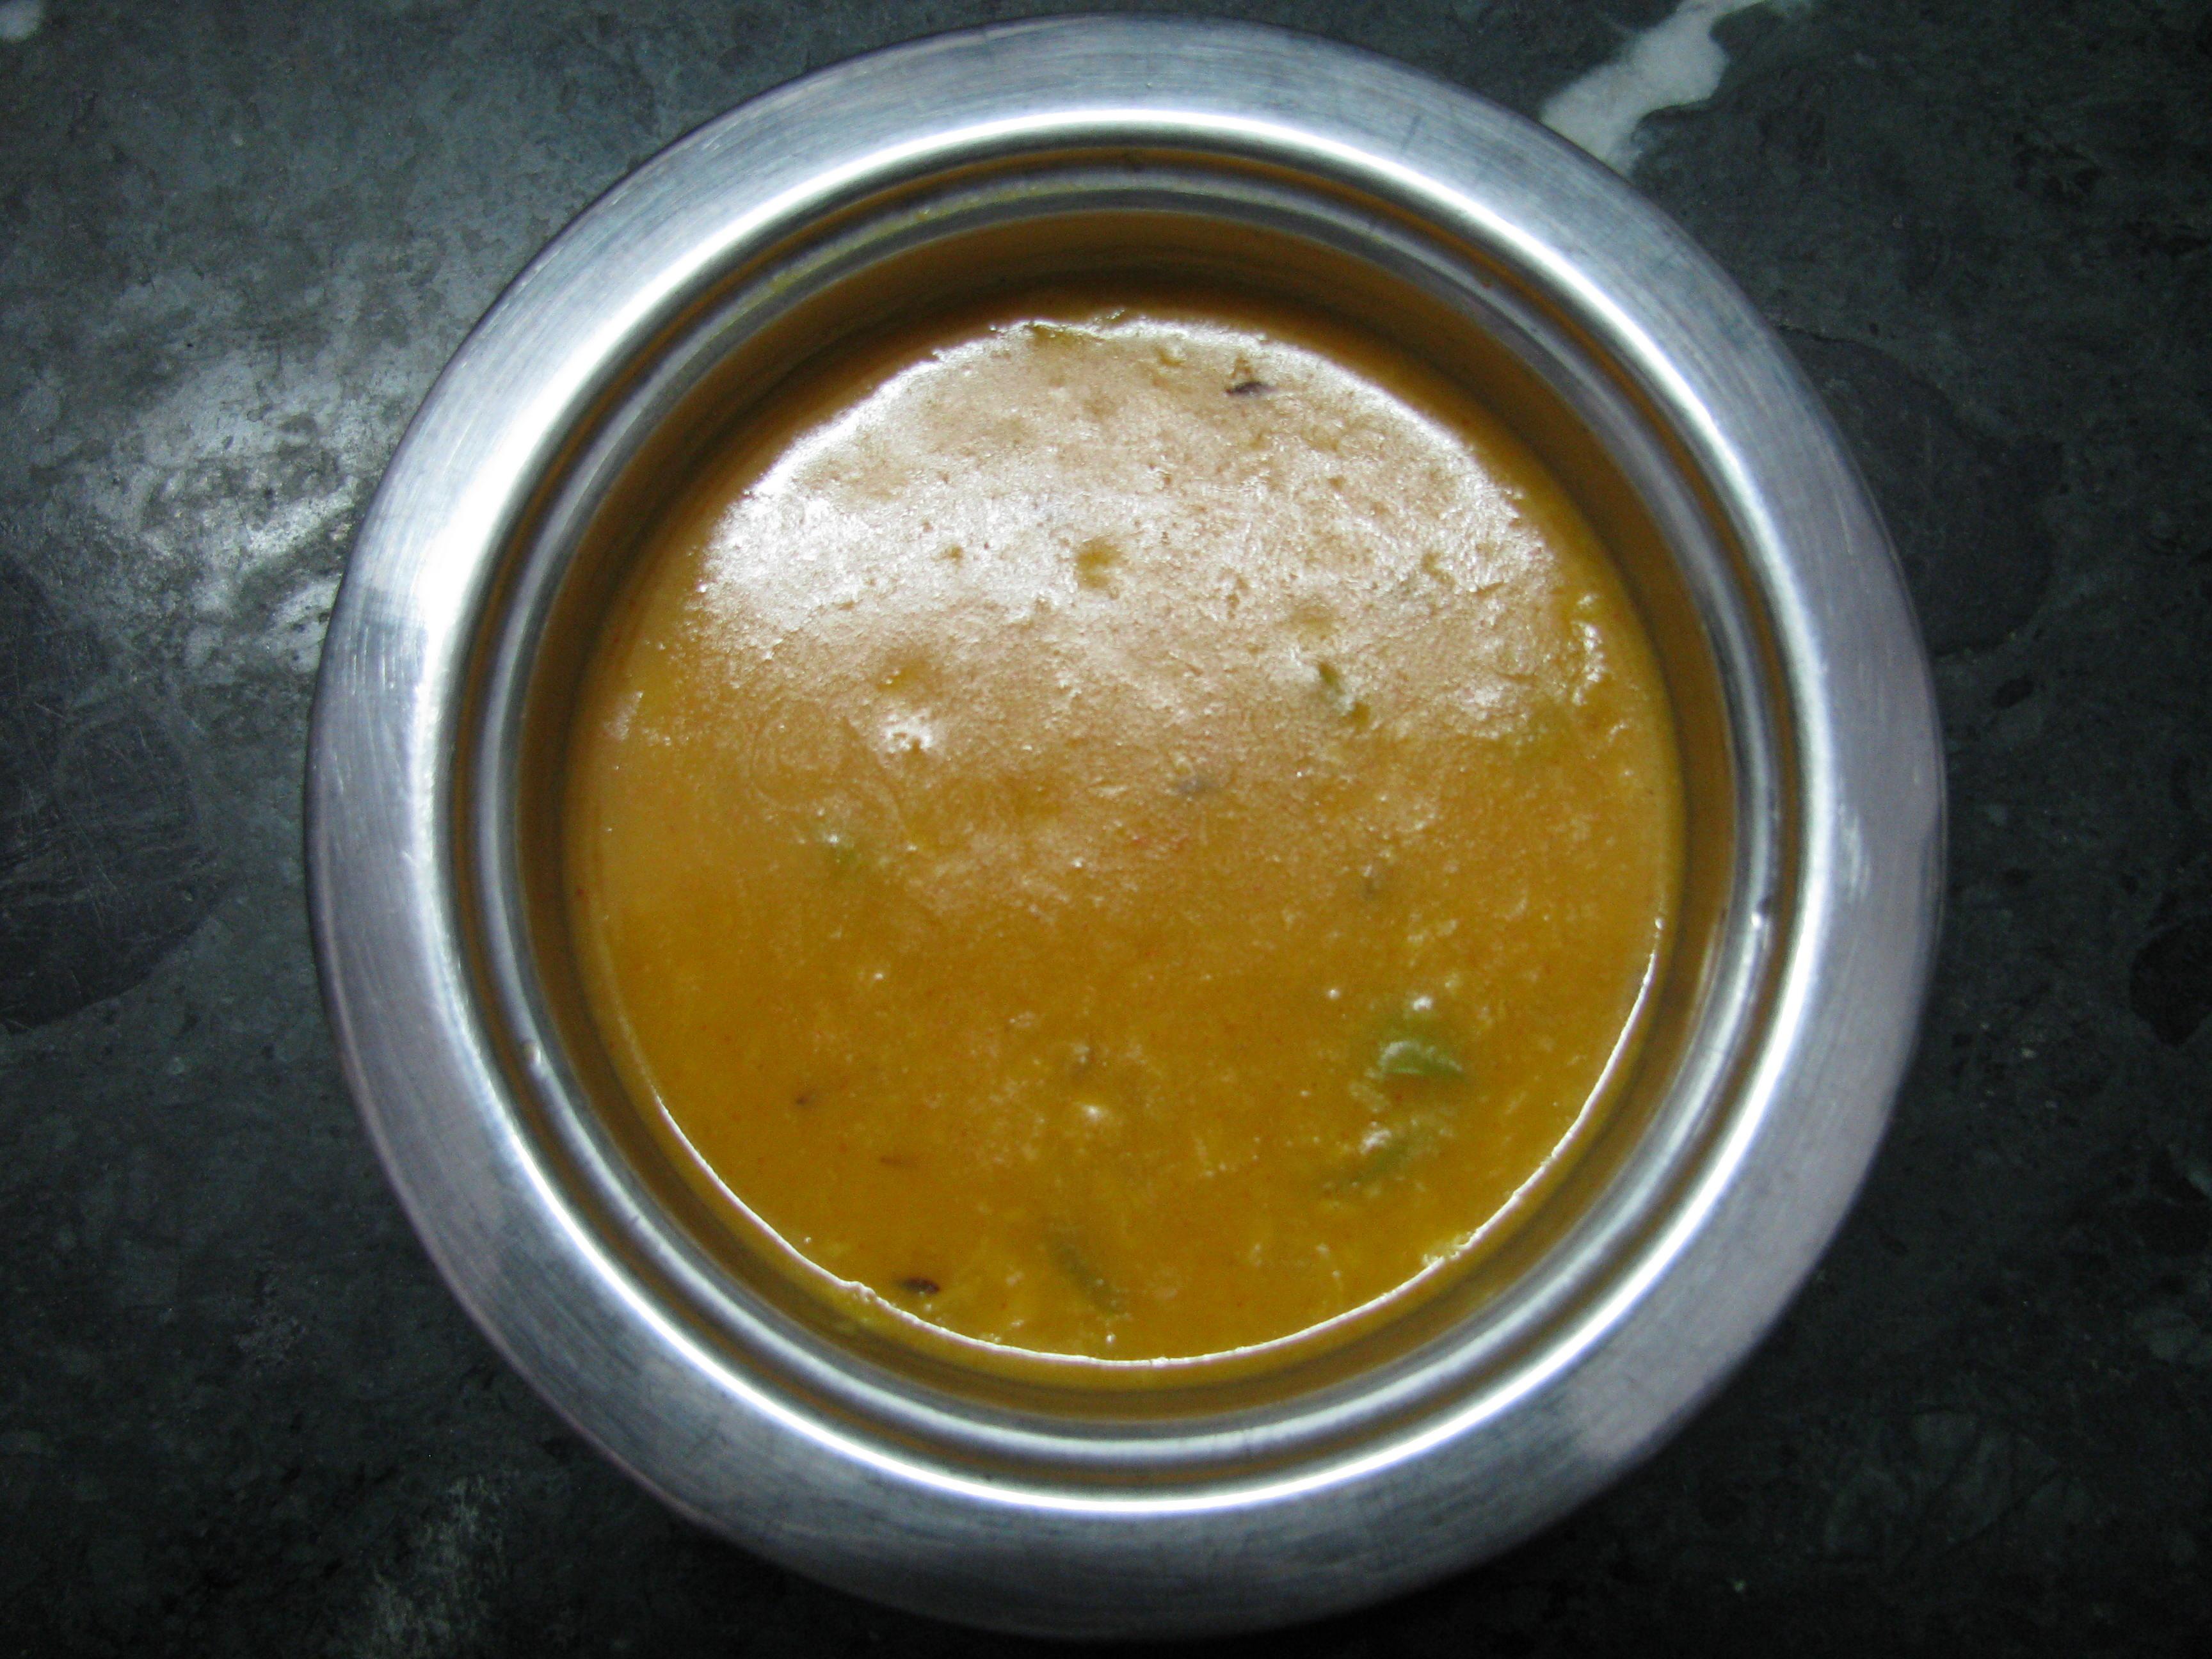 Prepadred Dish of Chana & Washed Moong Dal